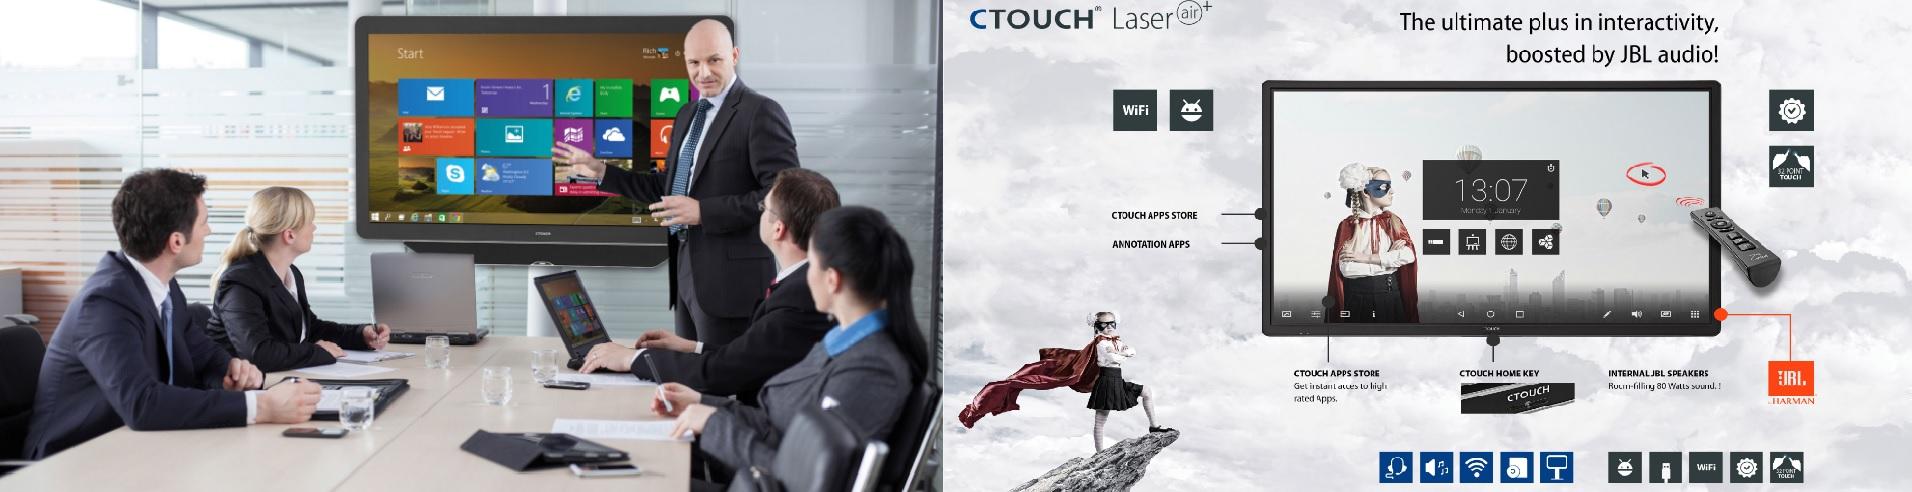 CTouch interaktivni monitor